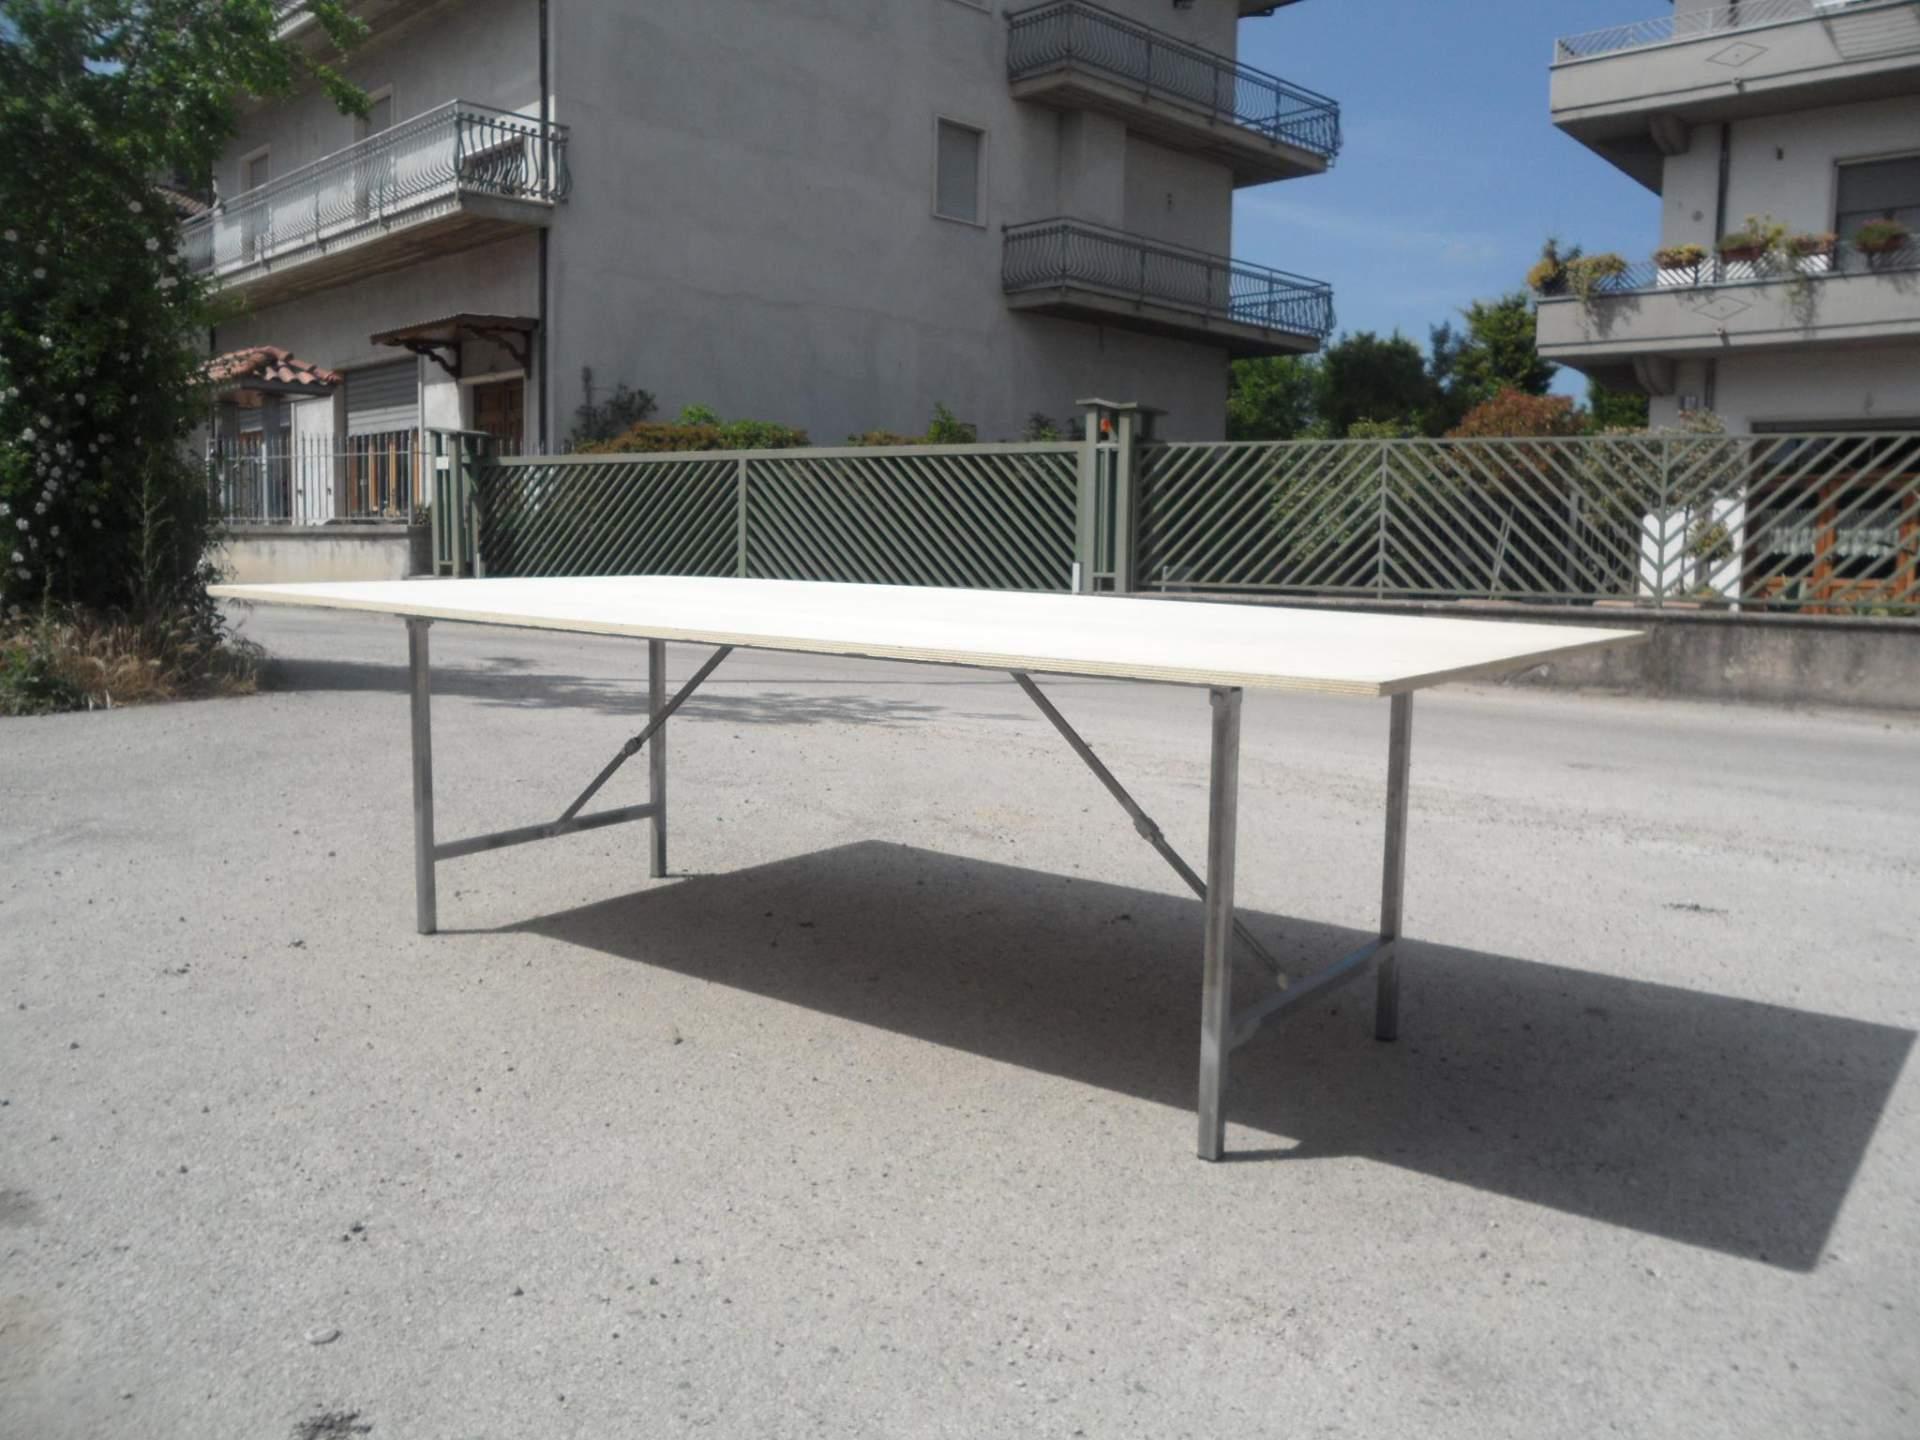 Prolunga per tavolo imperiale rettangolare cm 120 x 125 for Prolunga tavolo